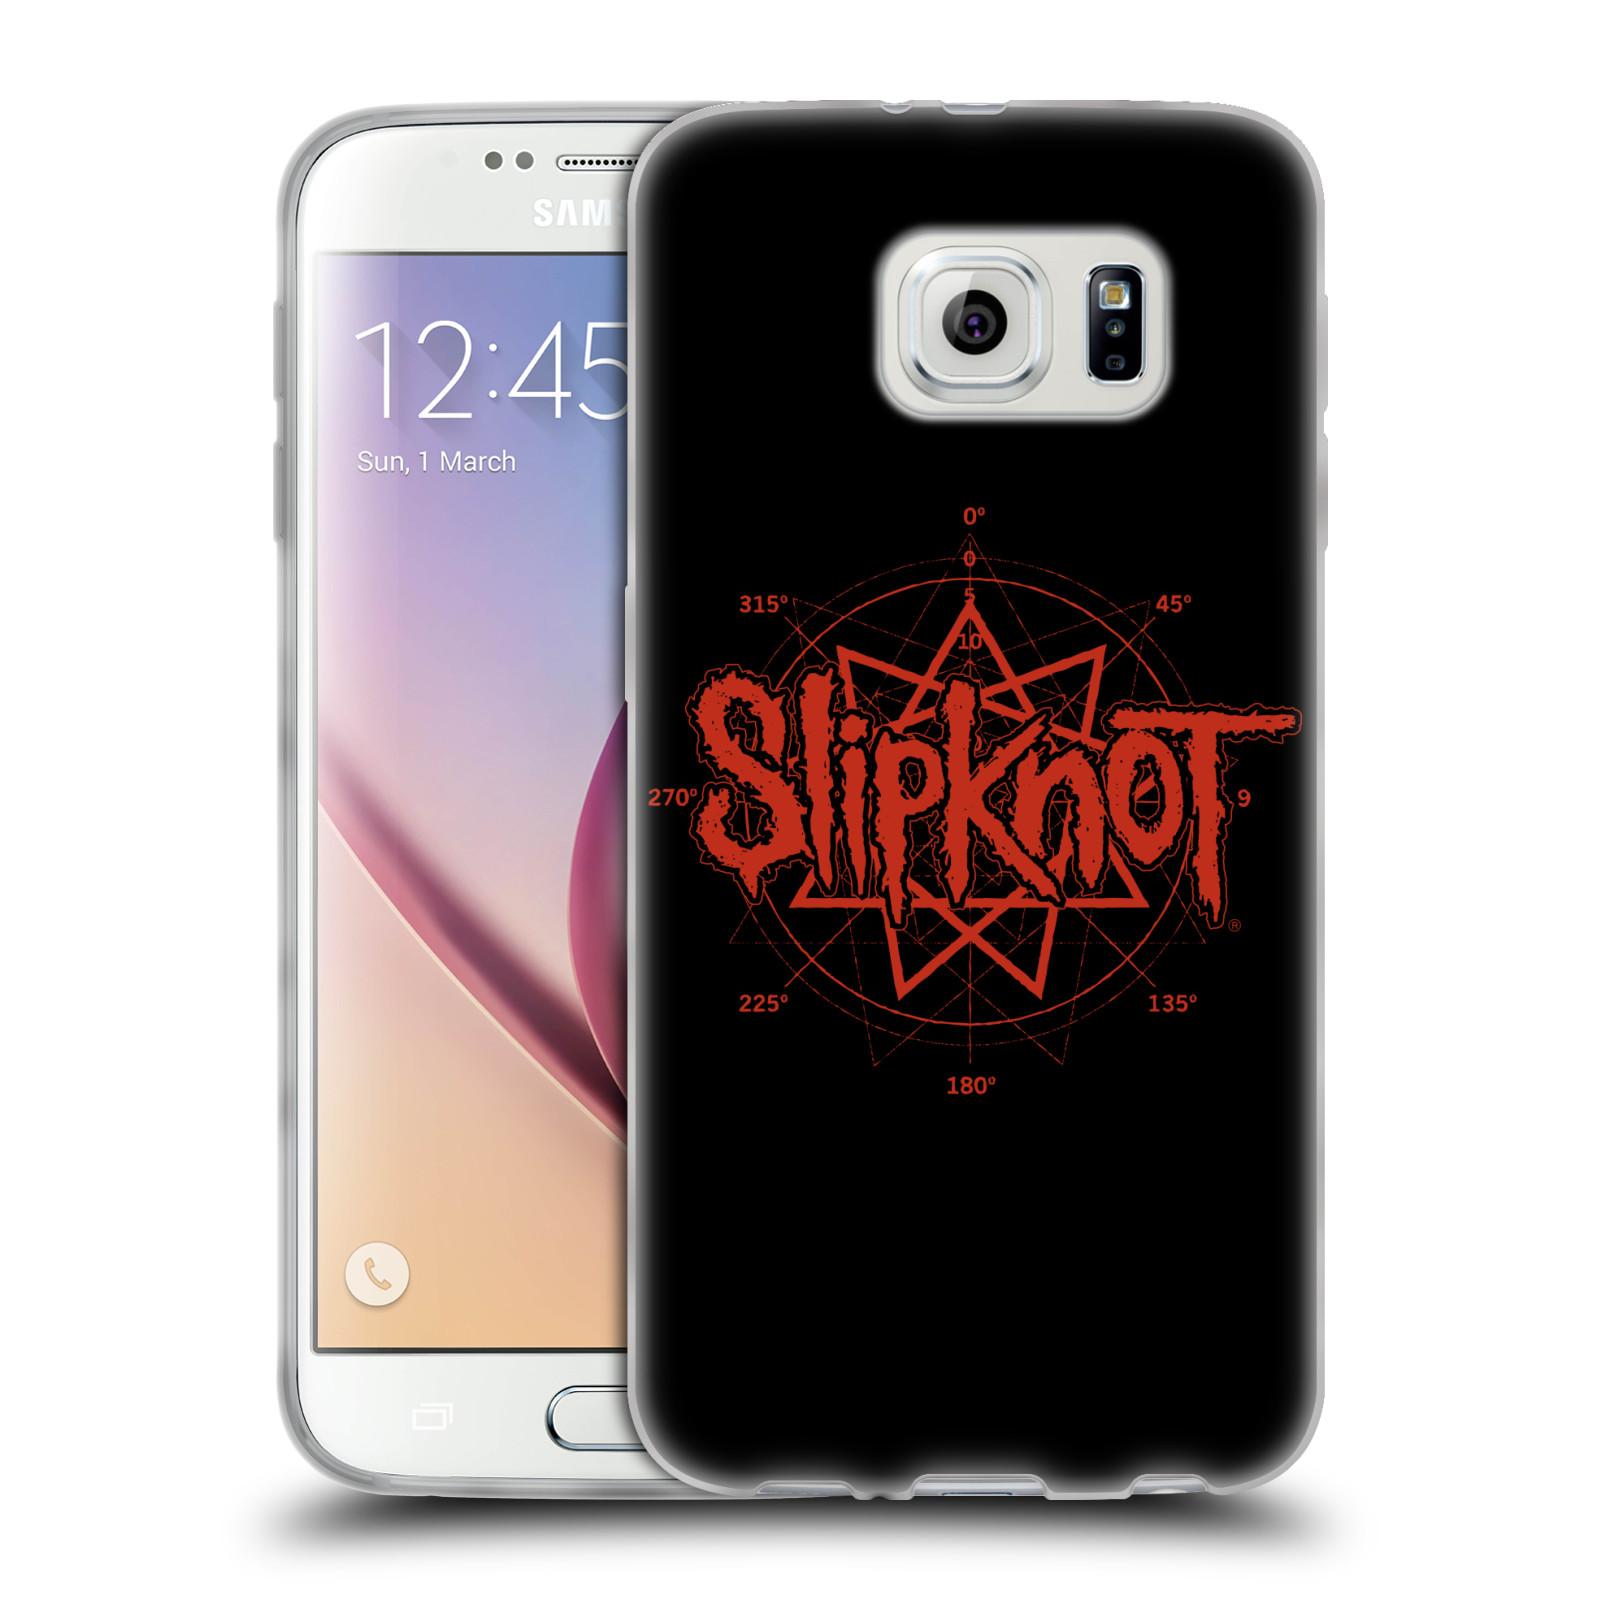 HEAD CASE silikonový obal na mobil Samsung Galaxy S6 hudební skupina Slipknot logo